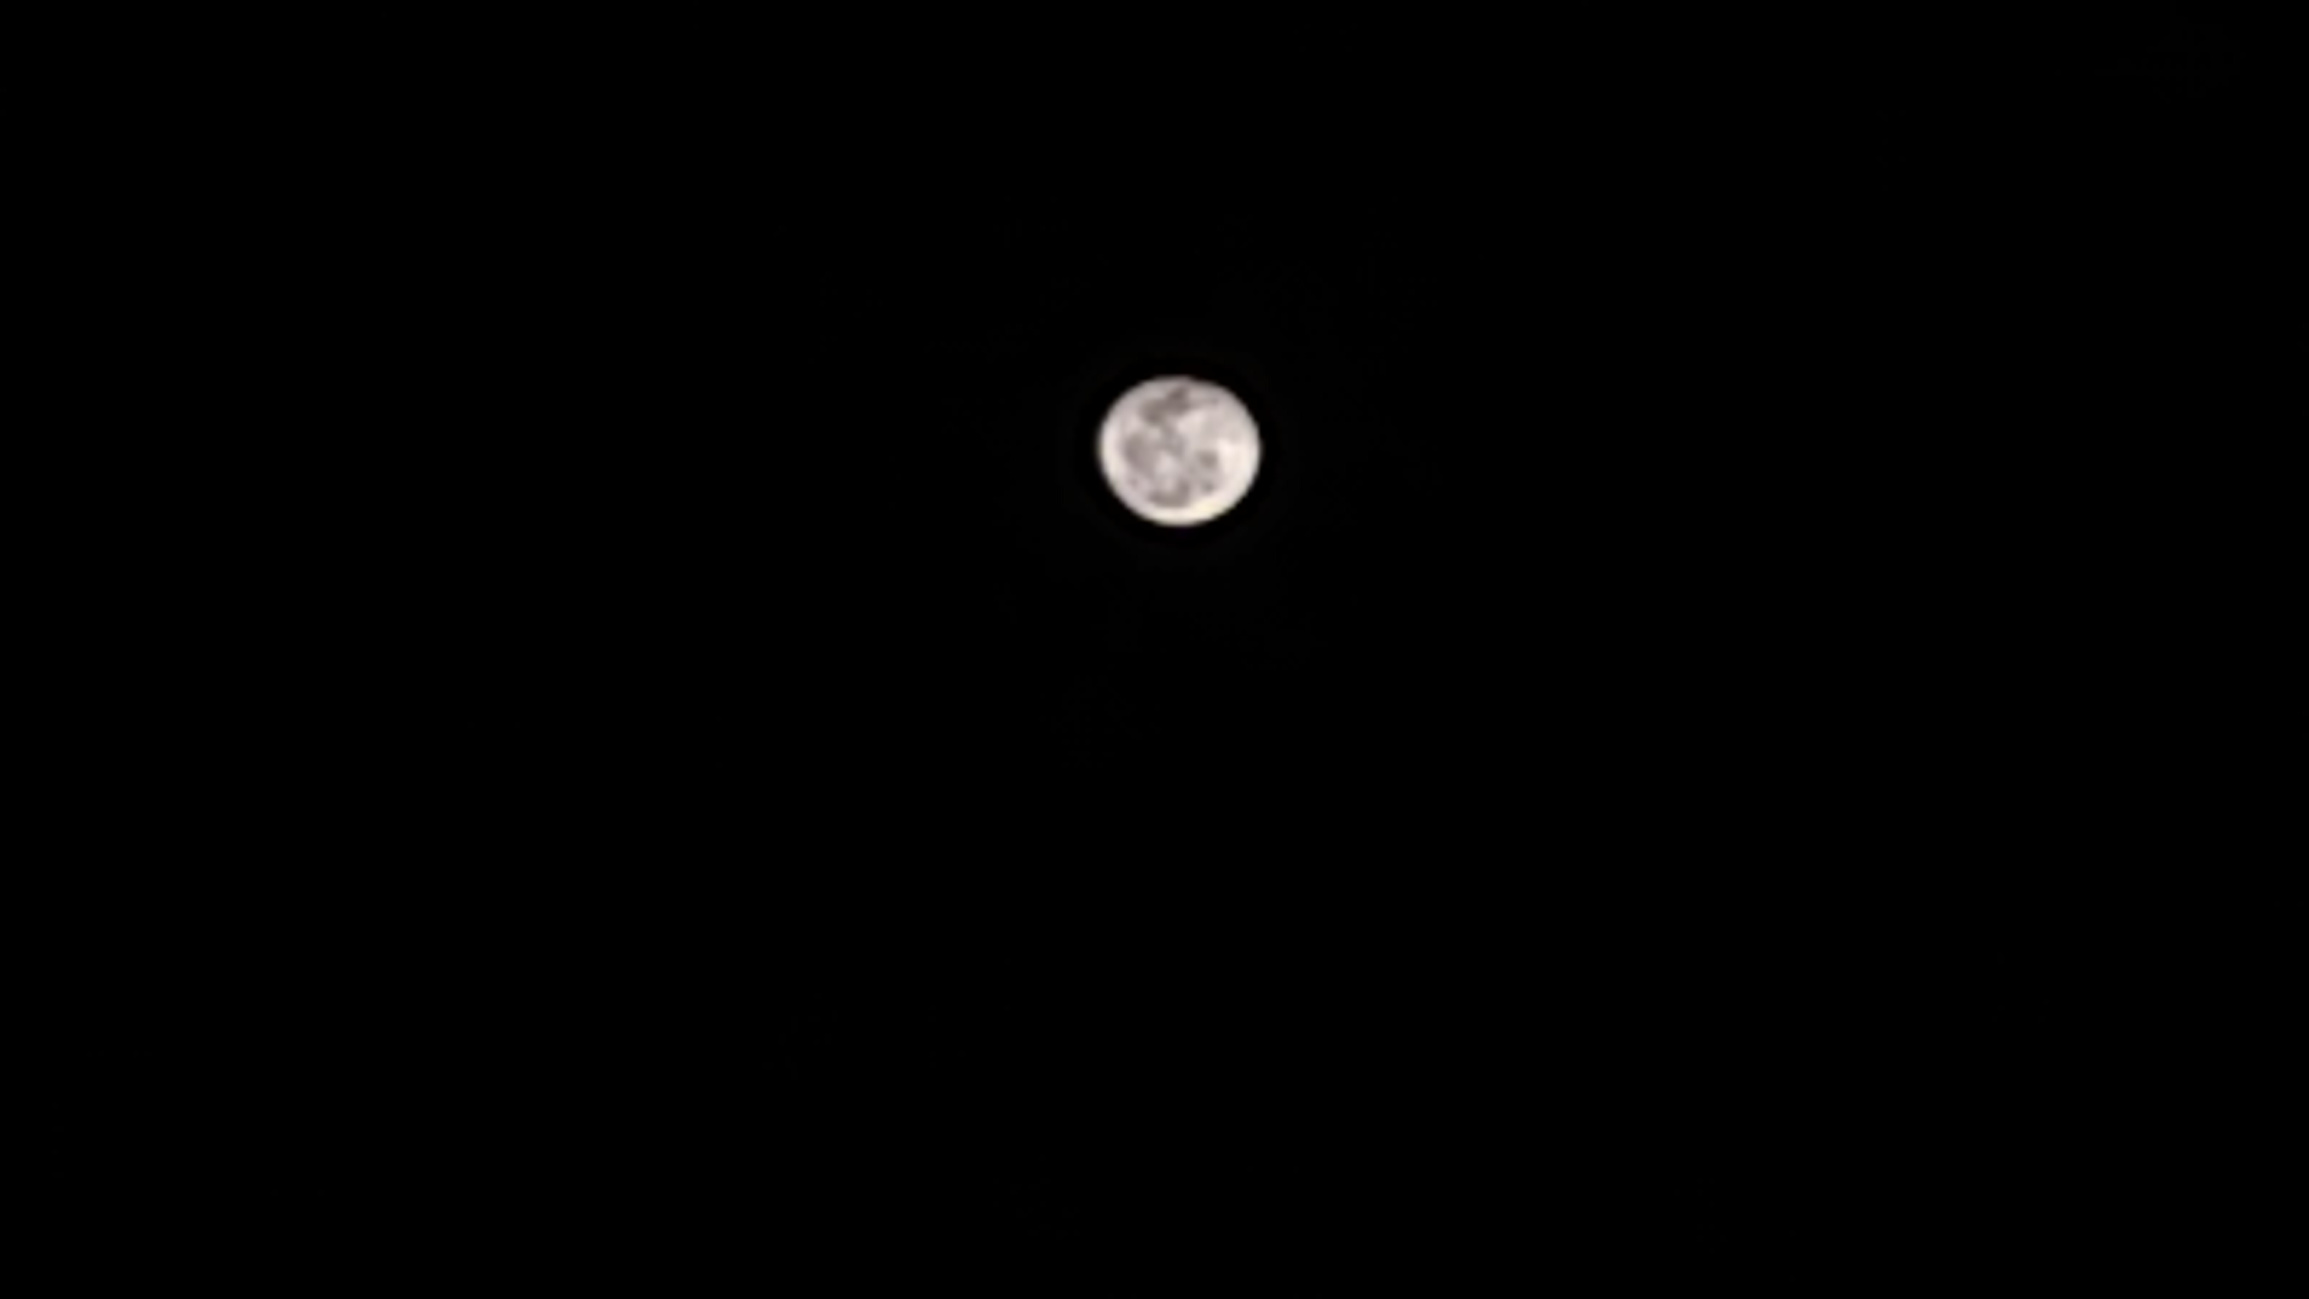 Moon captured in Nokia 7.2